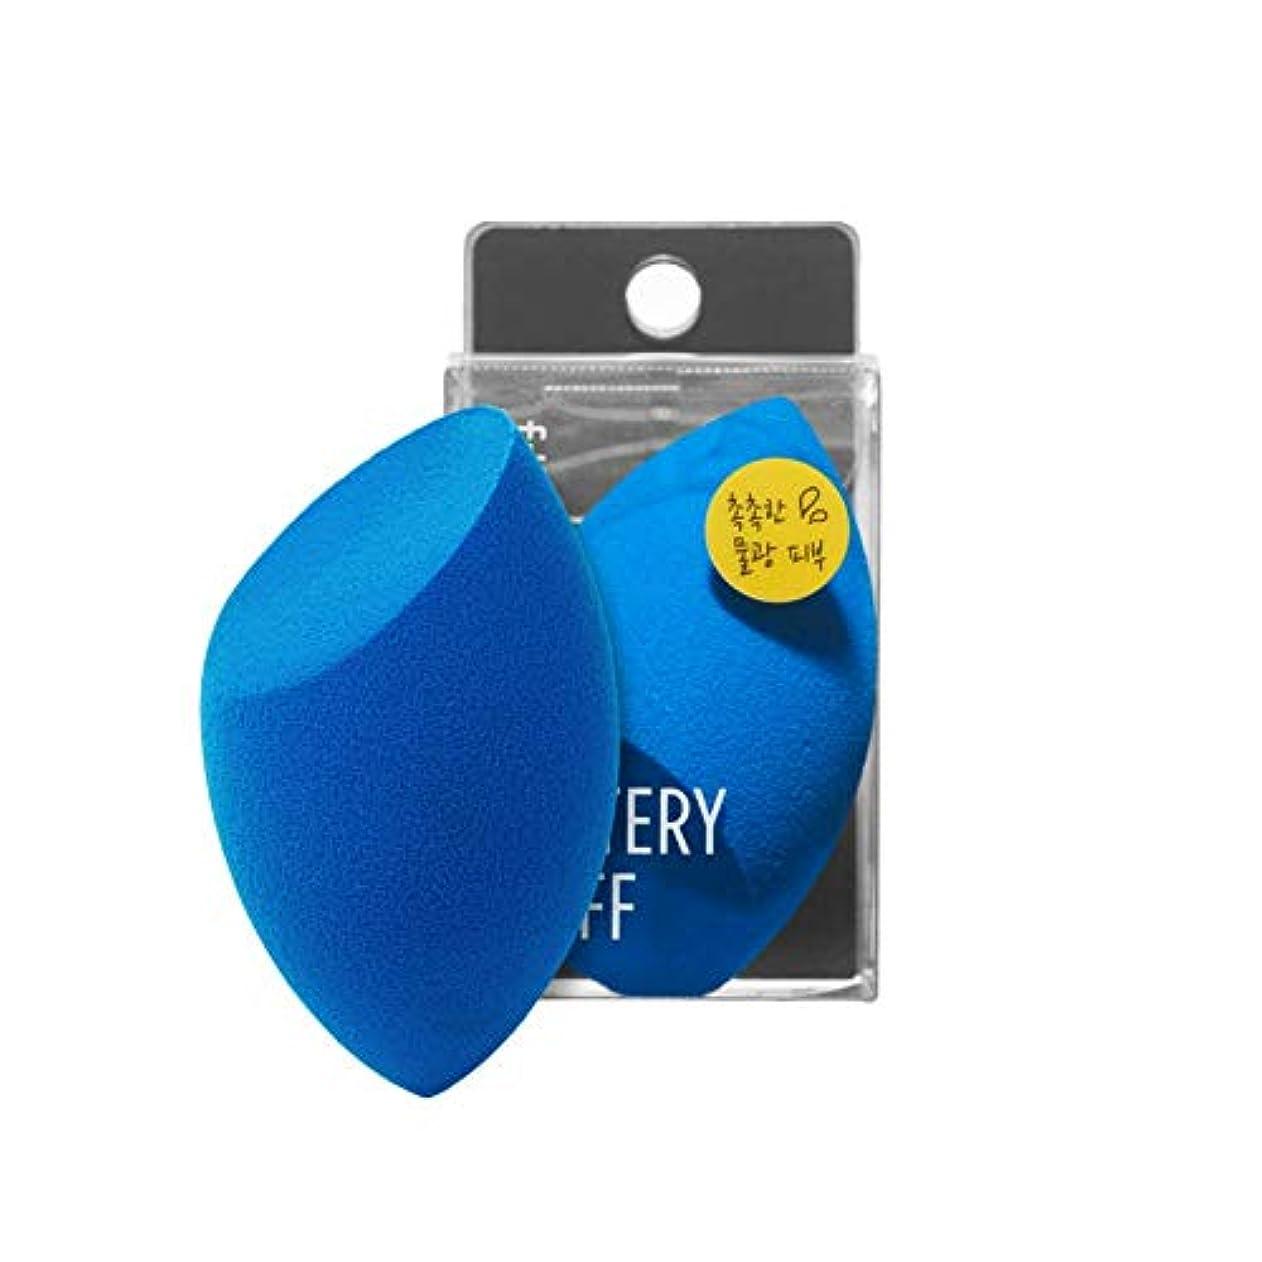 パンサー破壊する有効なfillimilli Make-up Sponge Watery Puff しっとりパフ (チョクチョクパフ) 4個 (Olive Young) [並行輸入品]